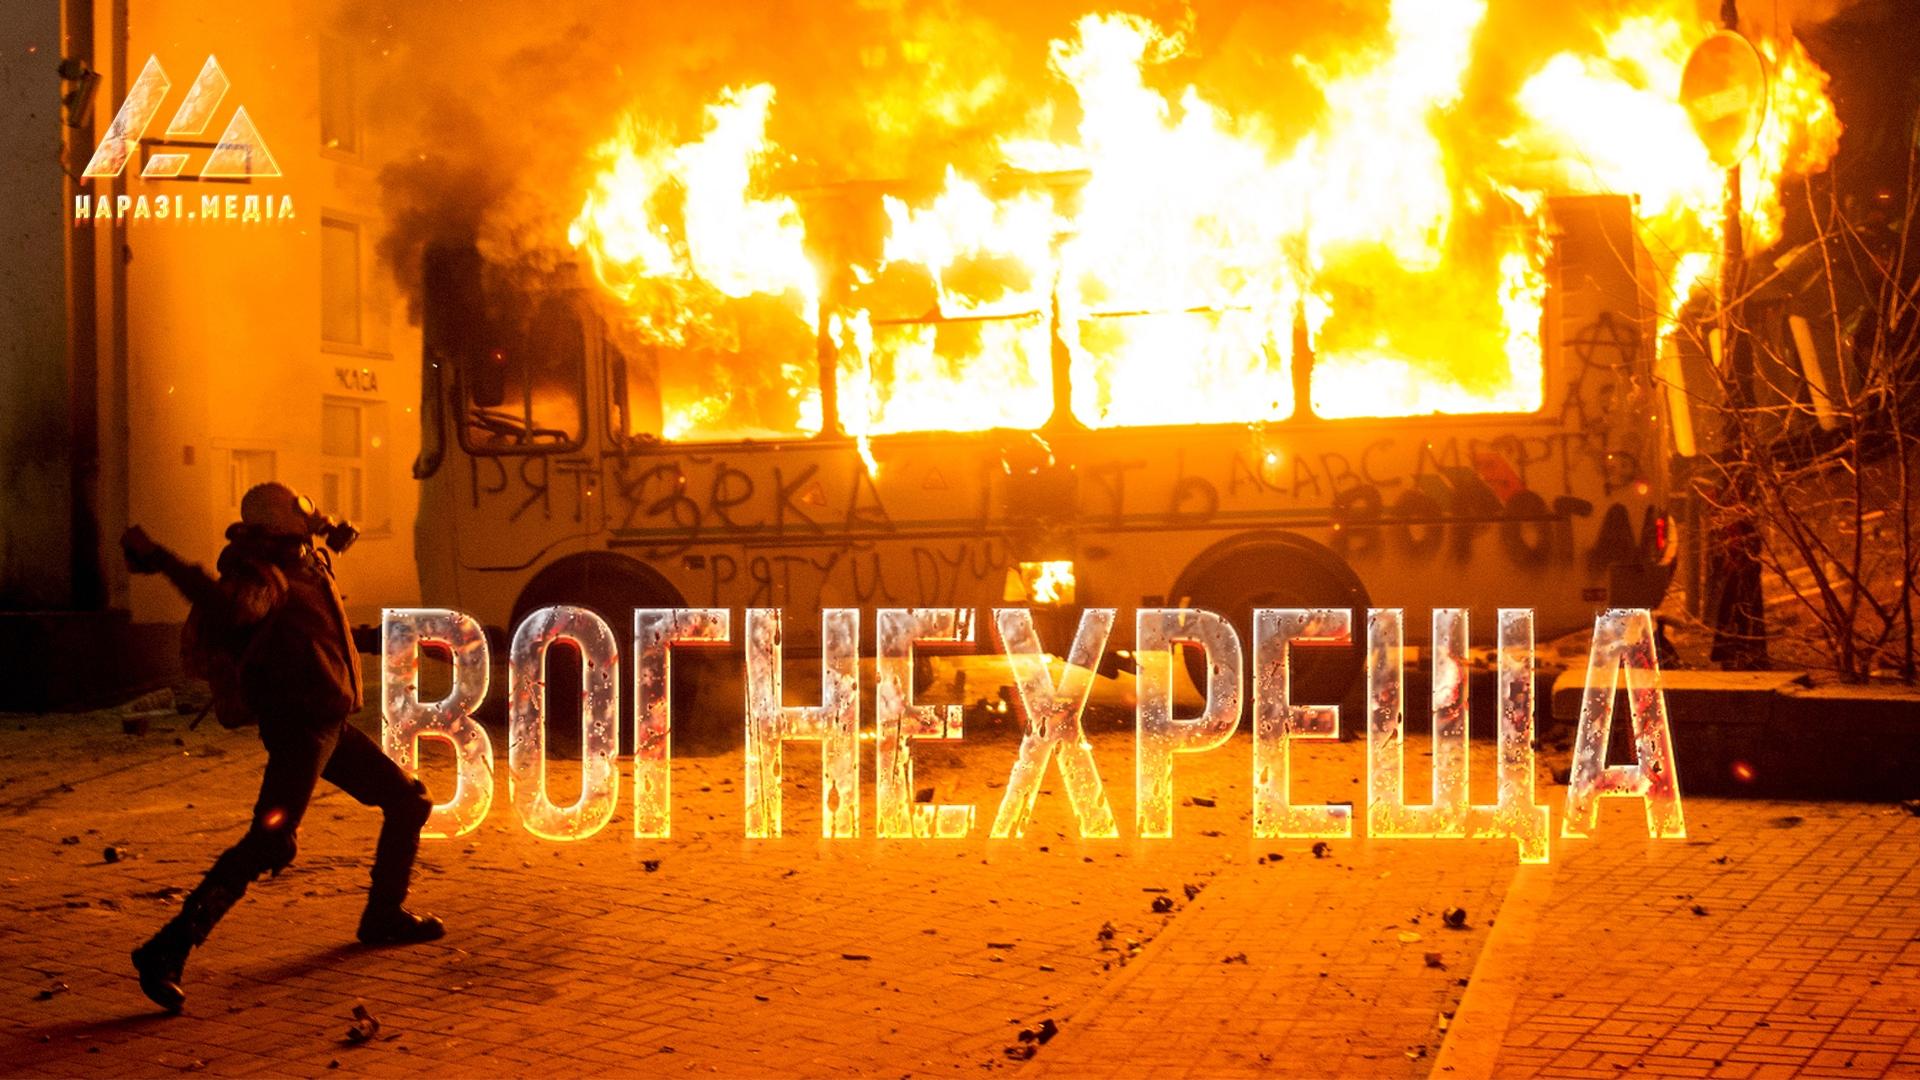 Вогнехреща: 7 років від початку протестів на Грушевського